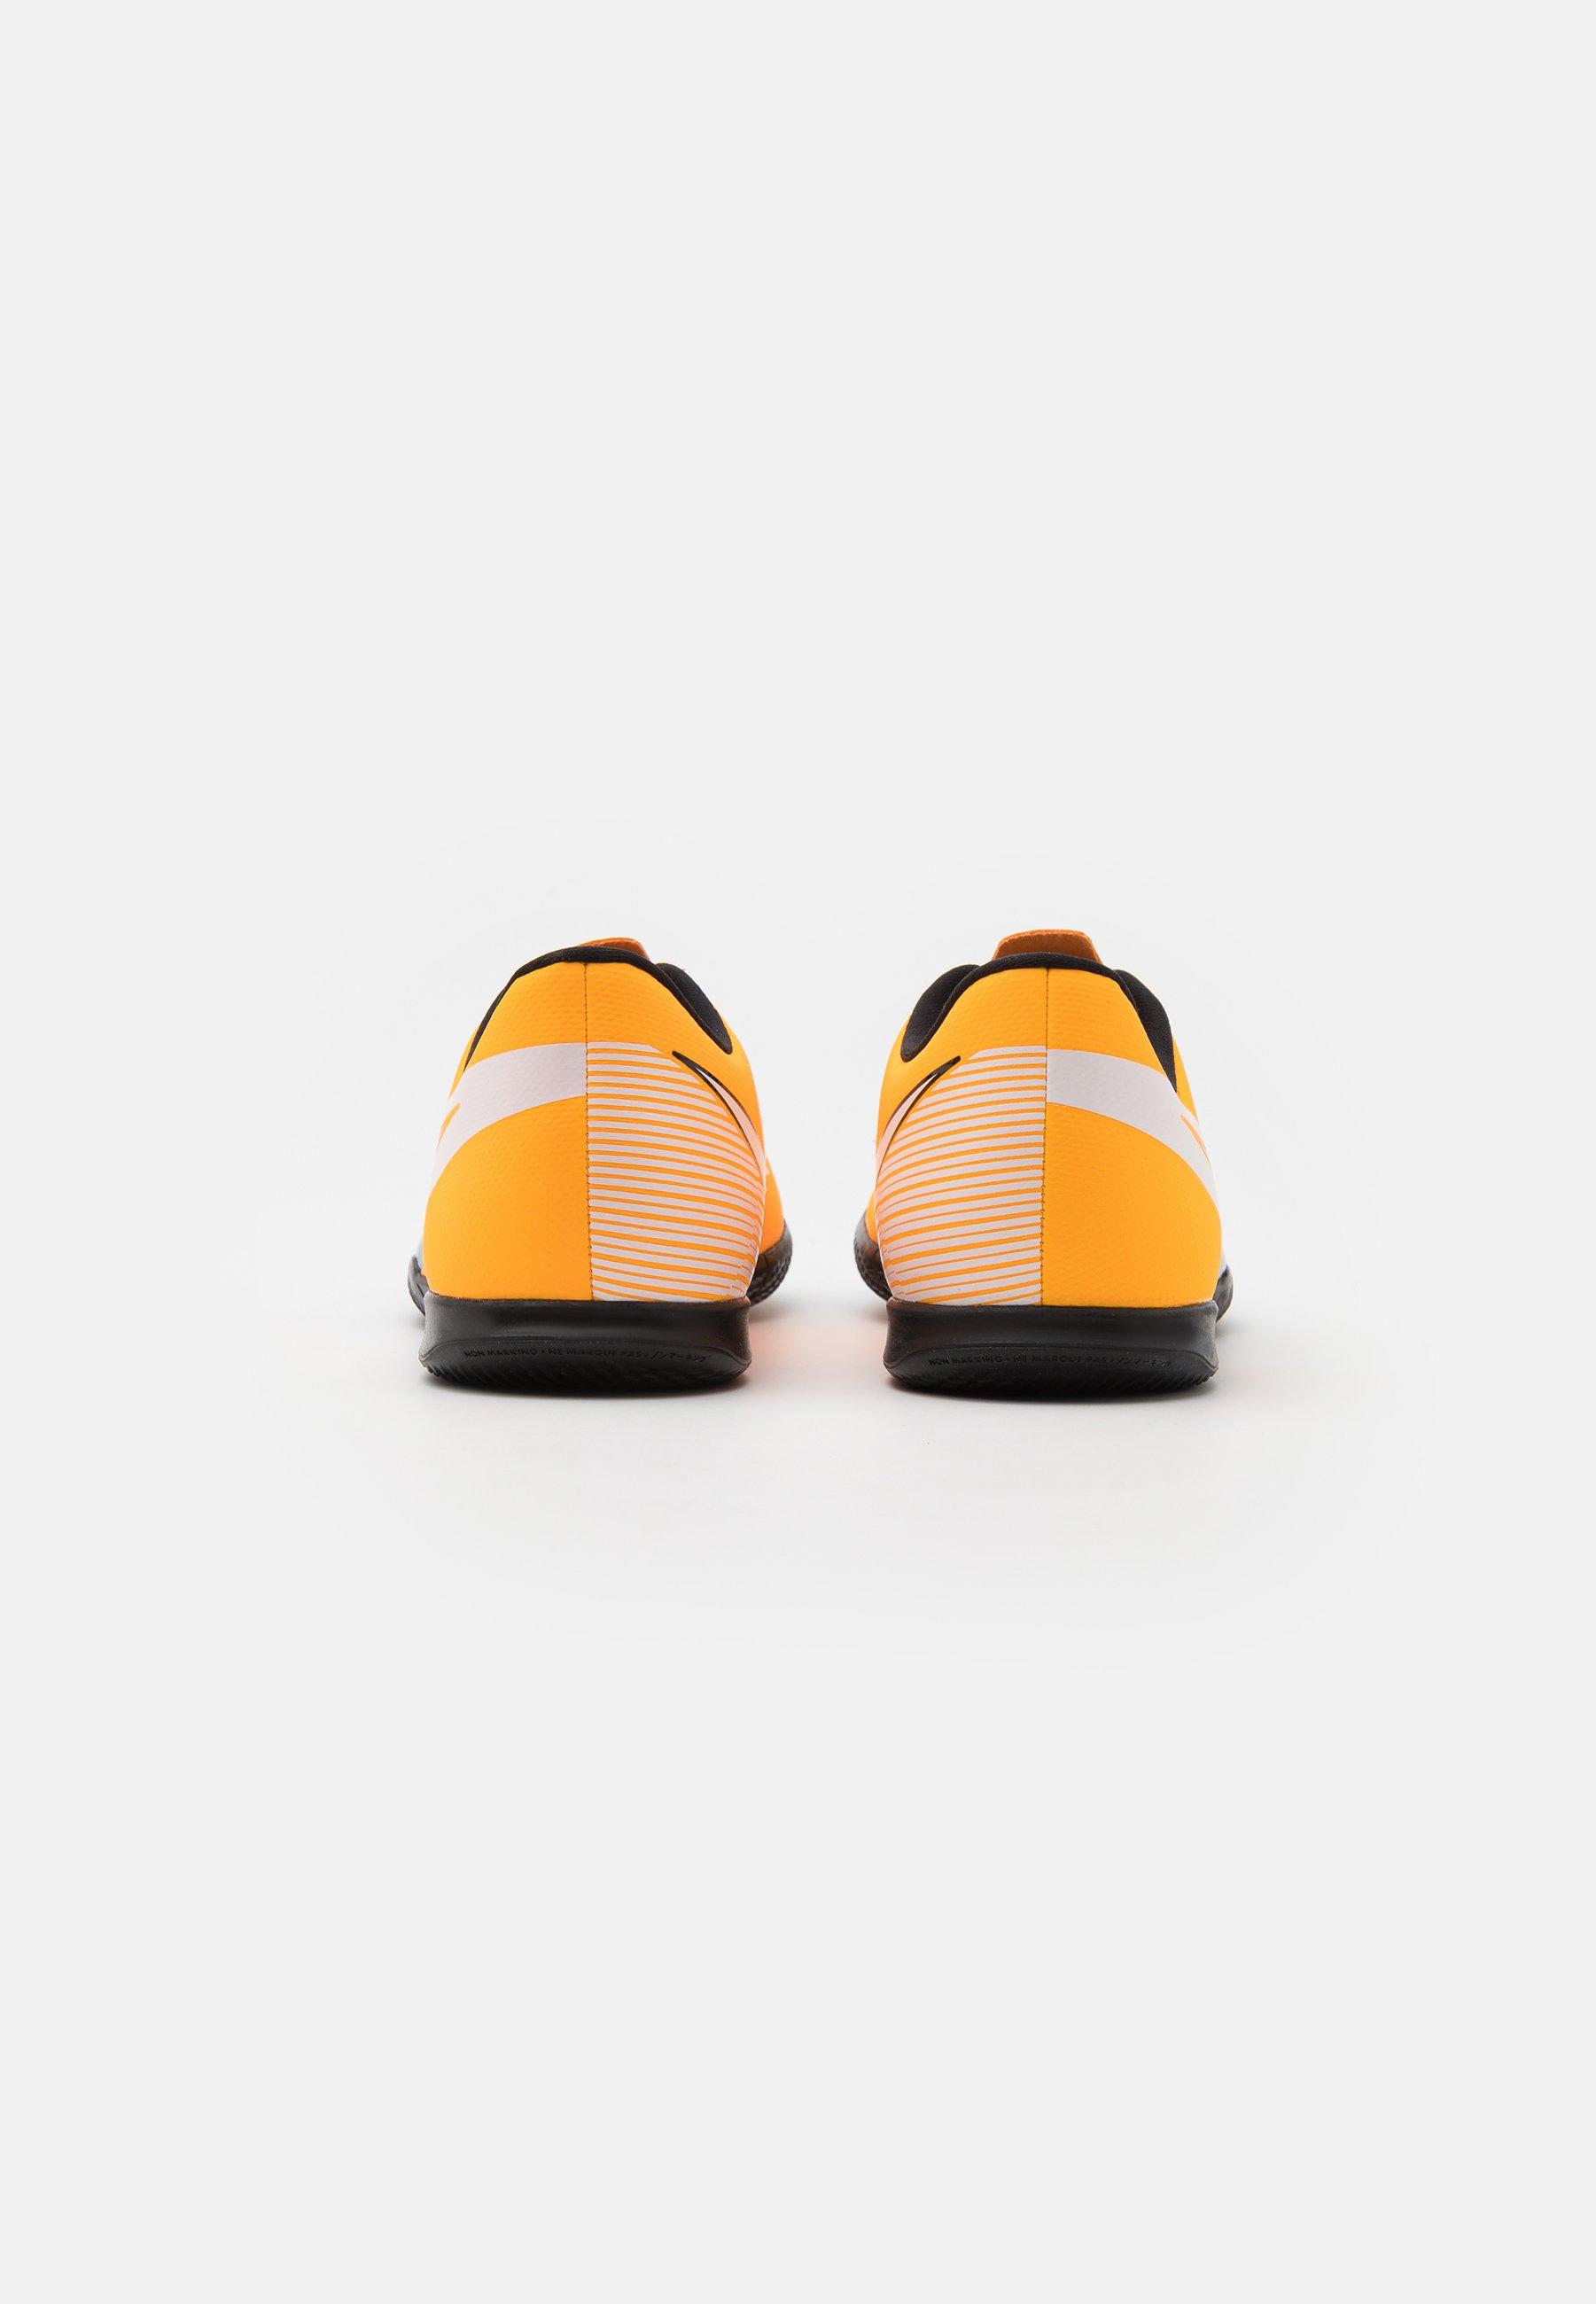 Sammlungen Schuhe für Herren FIODO165sf9fjiod Nike Performance MERCURIAL VAPOR 13 CLUB IC Fußballschuh Halle laser orange/black/white